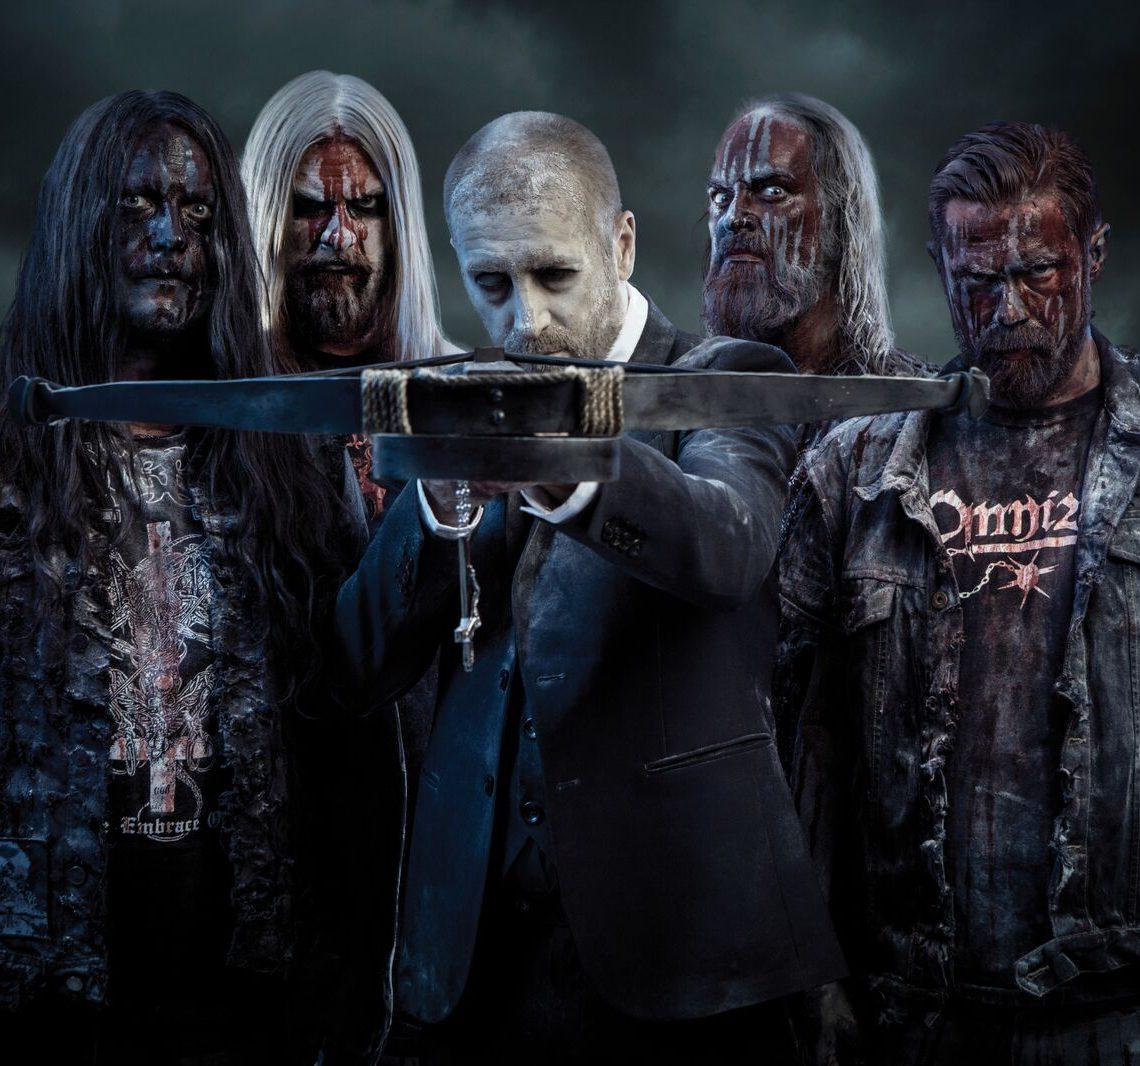 Bloodbath share new track featuring Jeff Walker (Carcass), Karl Willetts (Bolt Thrower) & John Walker (Cancer